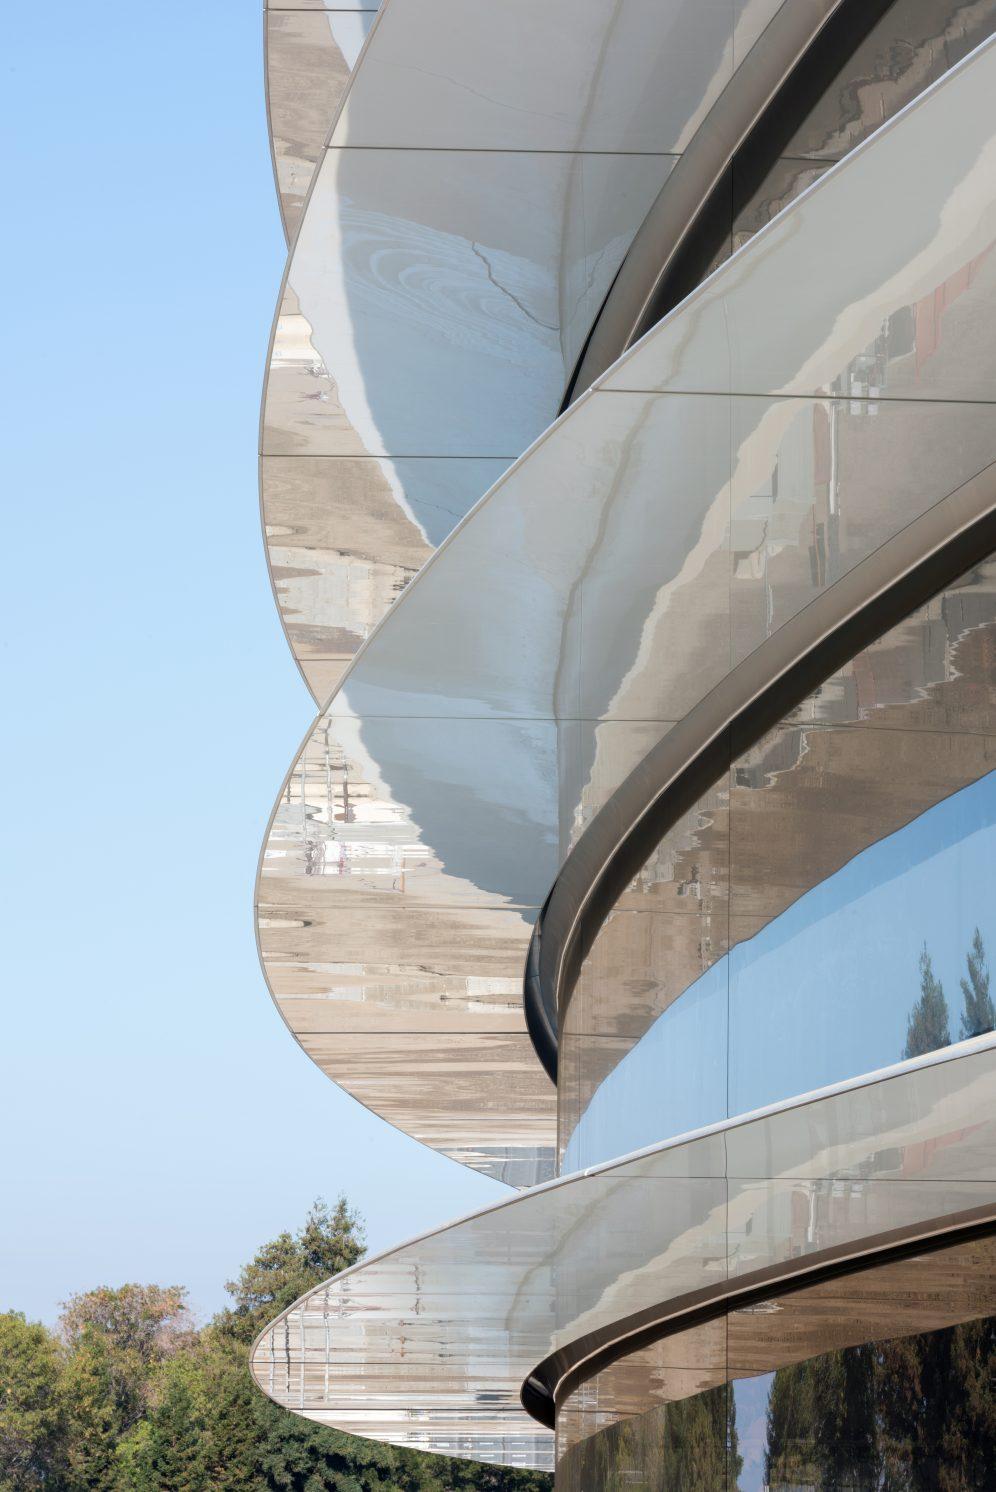 apple-park-photo-4-building-closeup